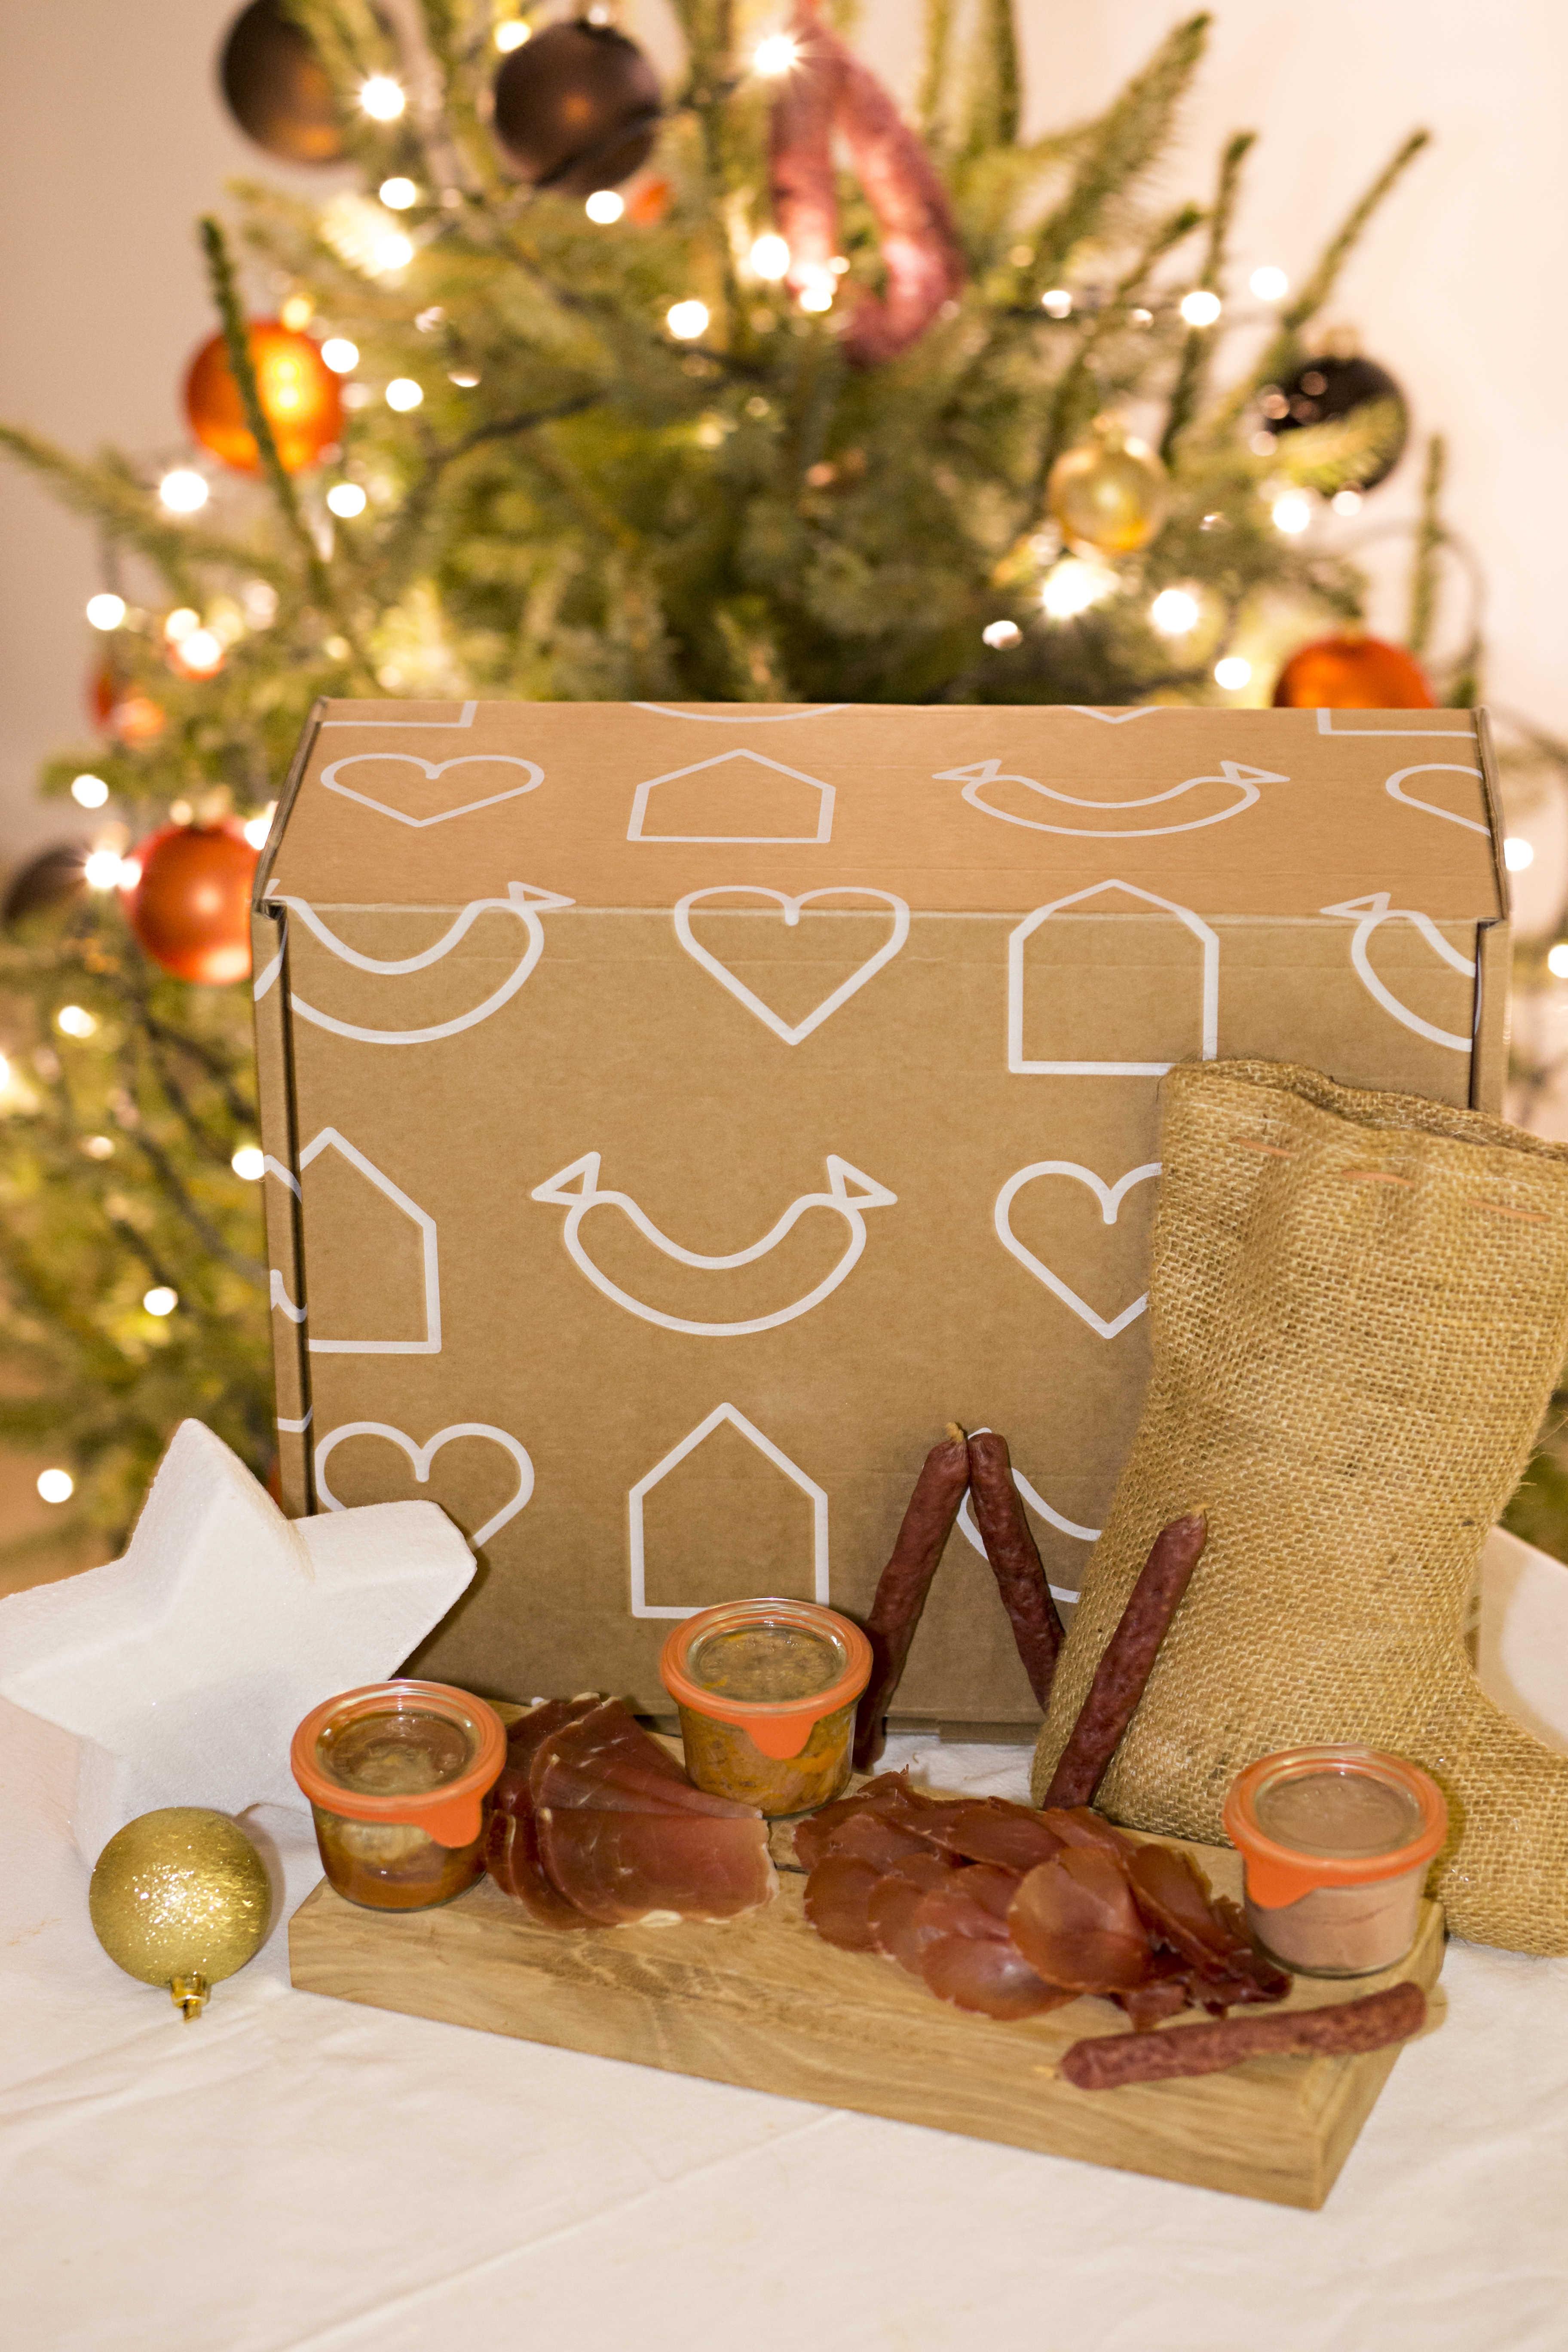 Geschenke für Kunden und Geschäftspartner | Wurstgeschwister